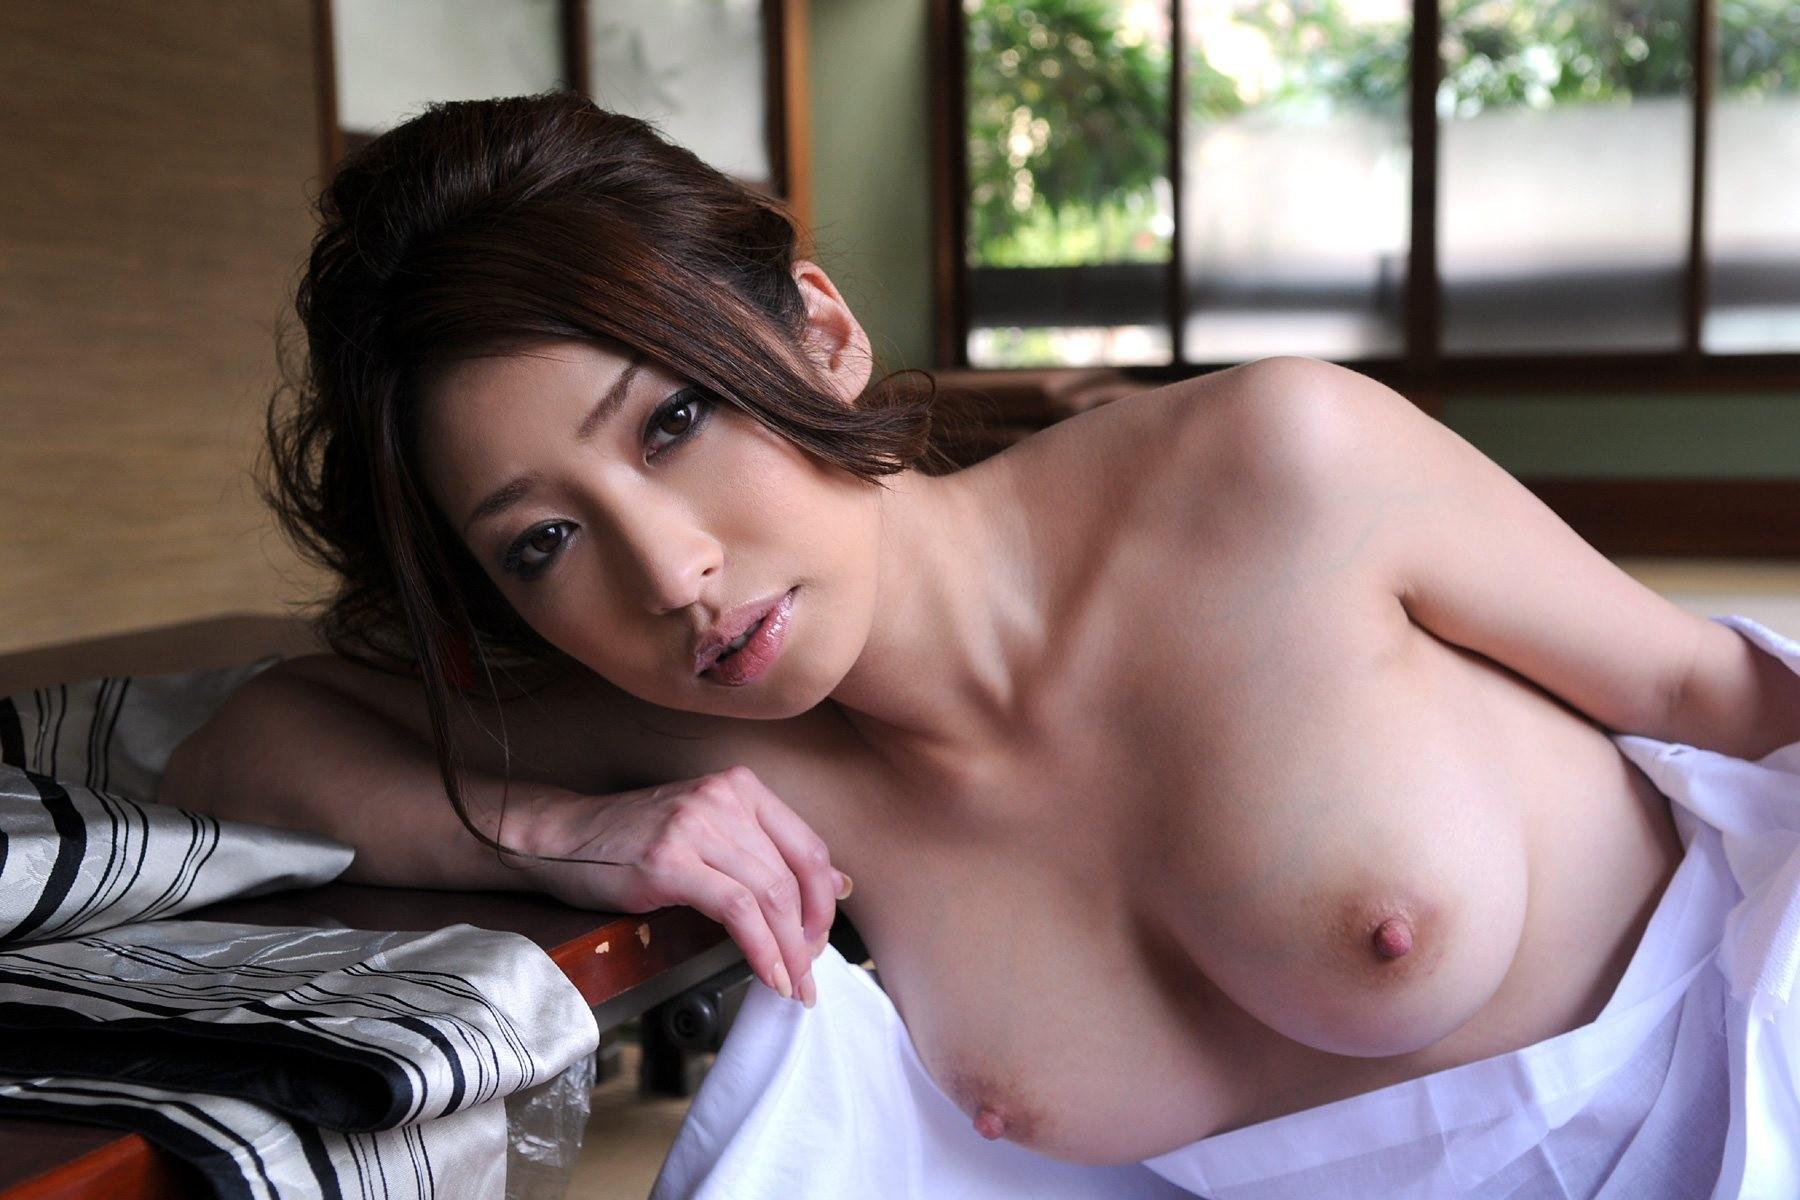 【和服エロ画像】奥ゆかしいイヤらしさが…日本人だから和服乱して裸体晒しwww 12